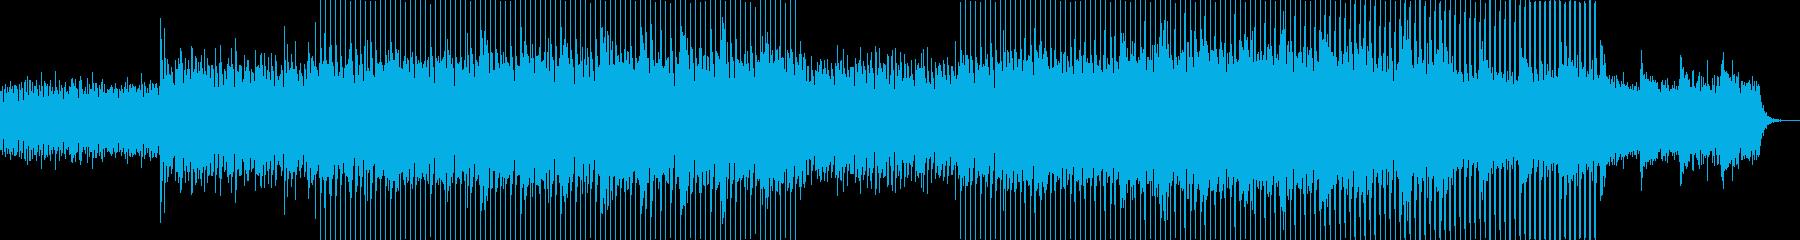 ニュース映像ナレーションバック向け-11の再生済みの波形